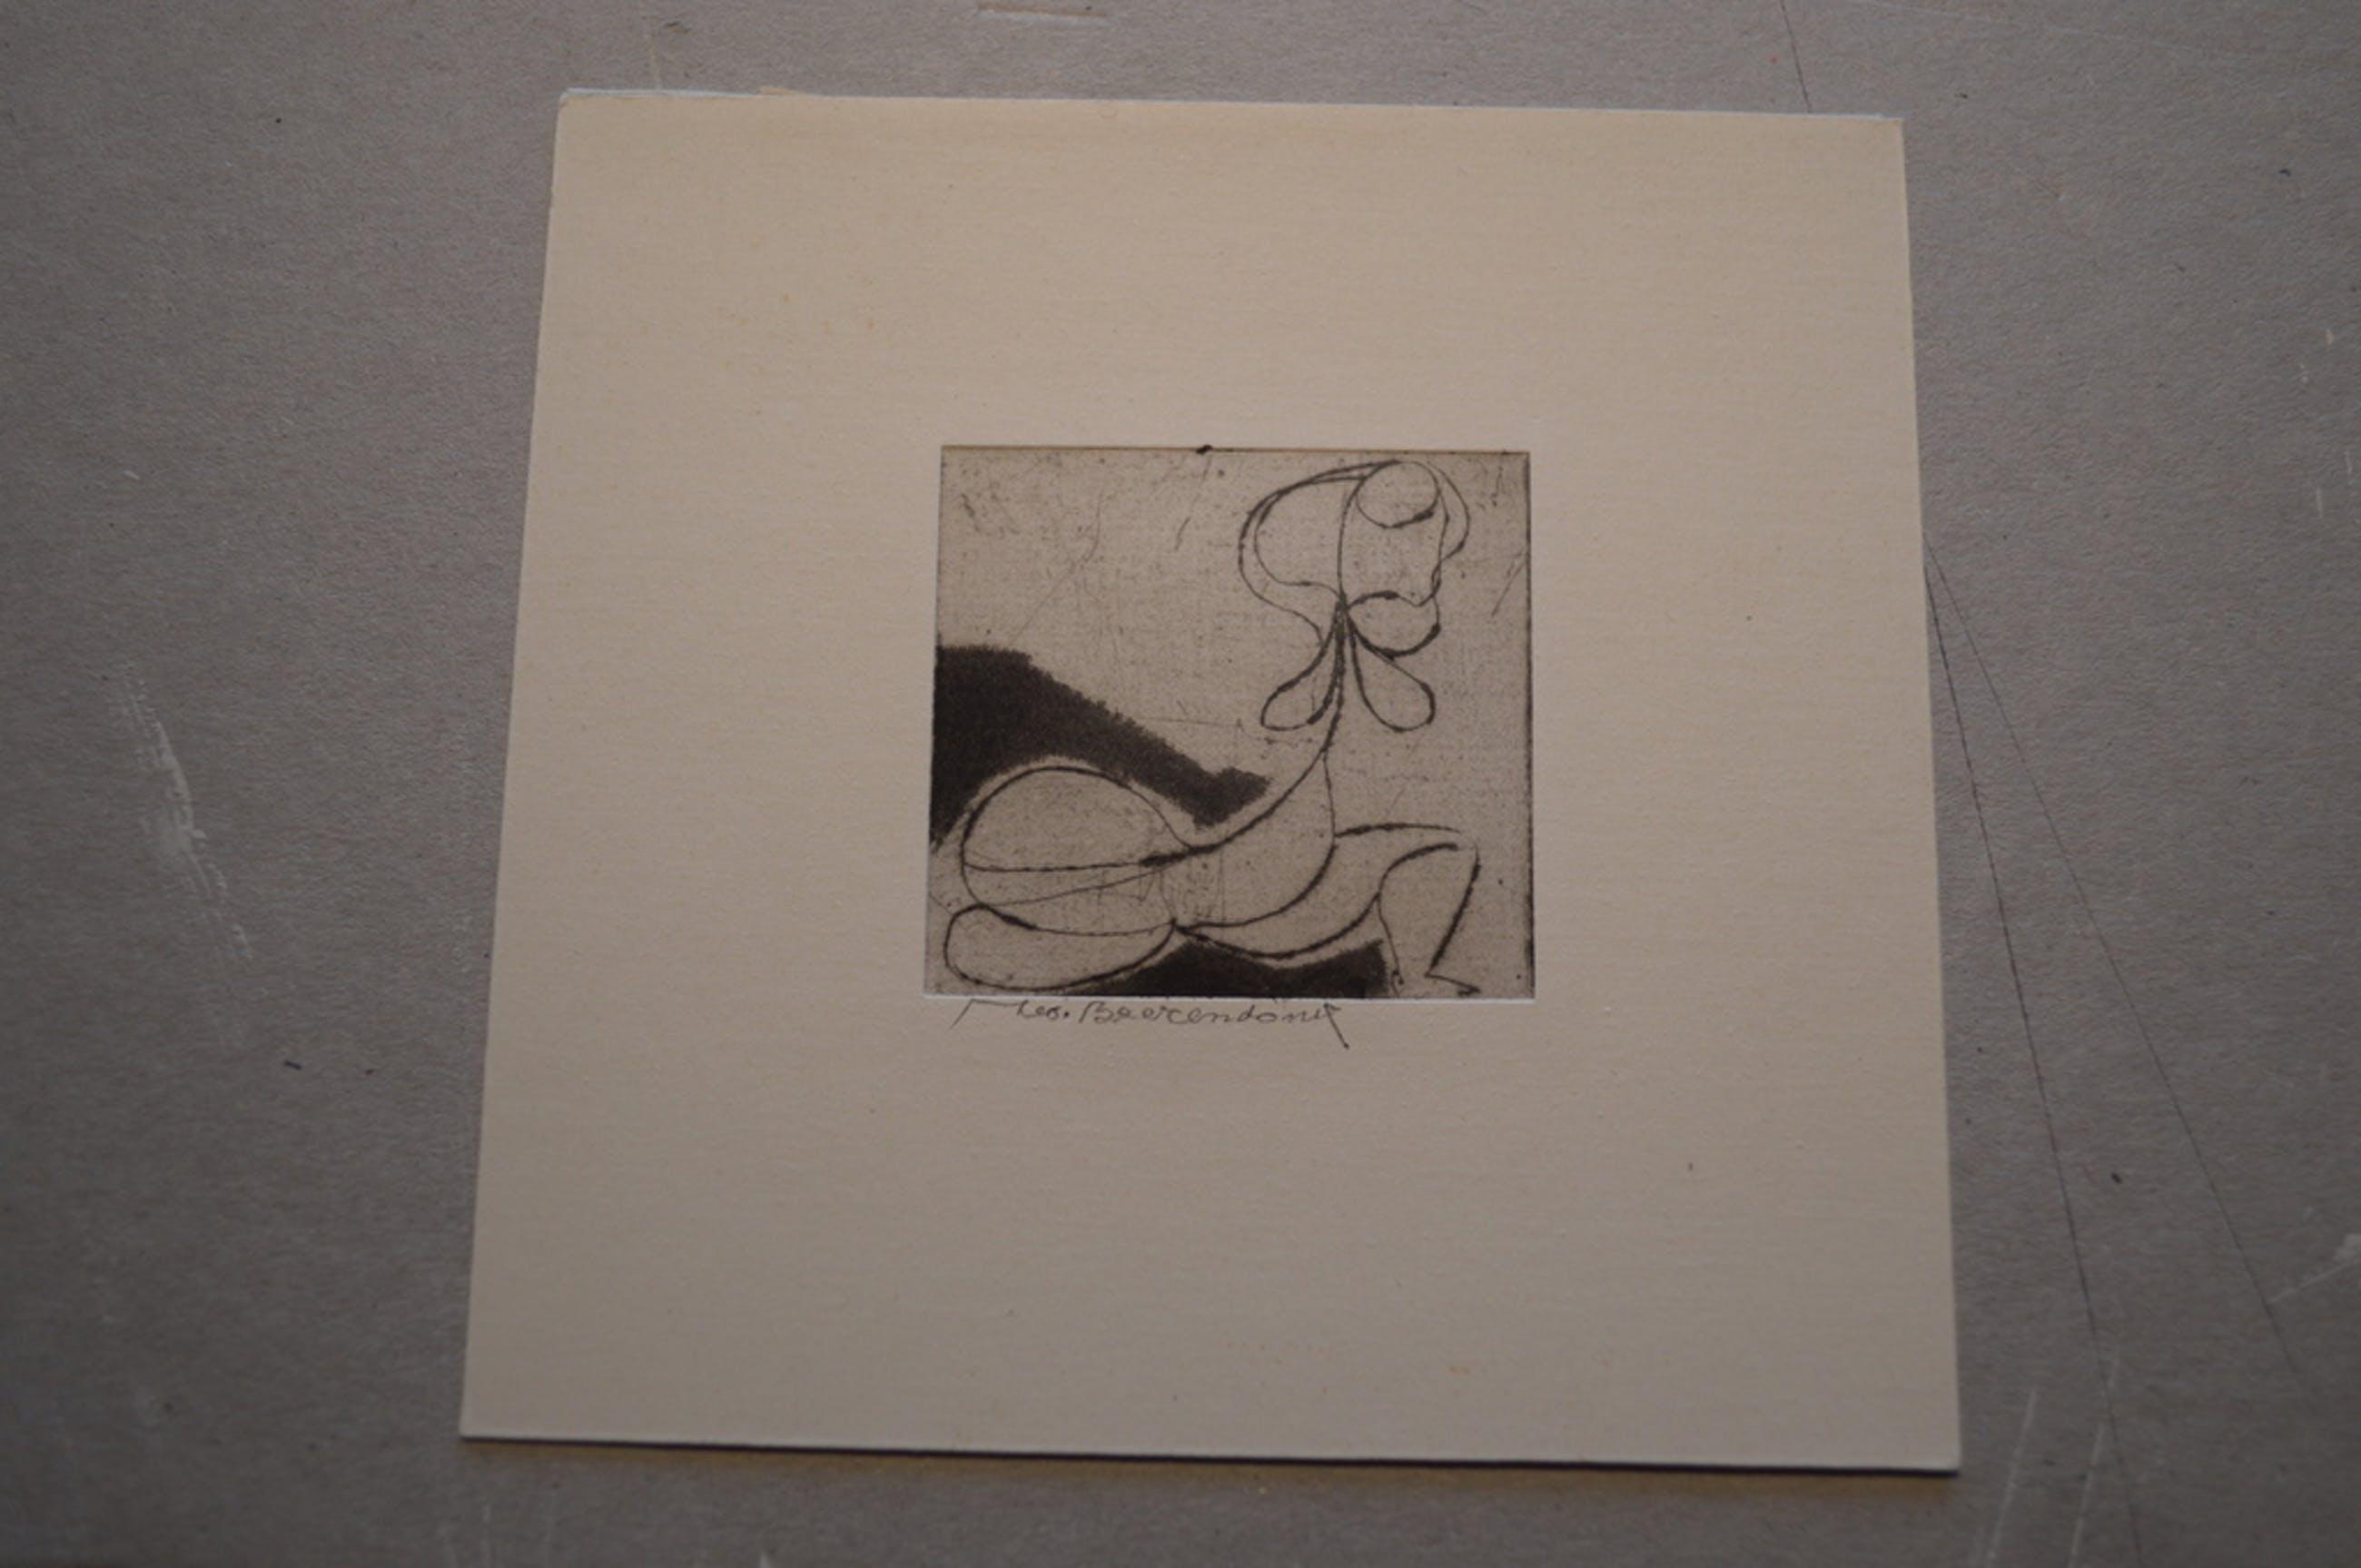 Theo Beerendonk ( 1905-1979) ets, naakt, 1970, 5 x 5 ( 12x12 )  kopen? Bied vanaf 20!